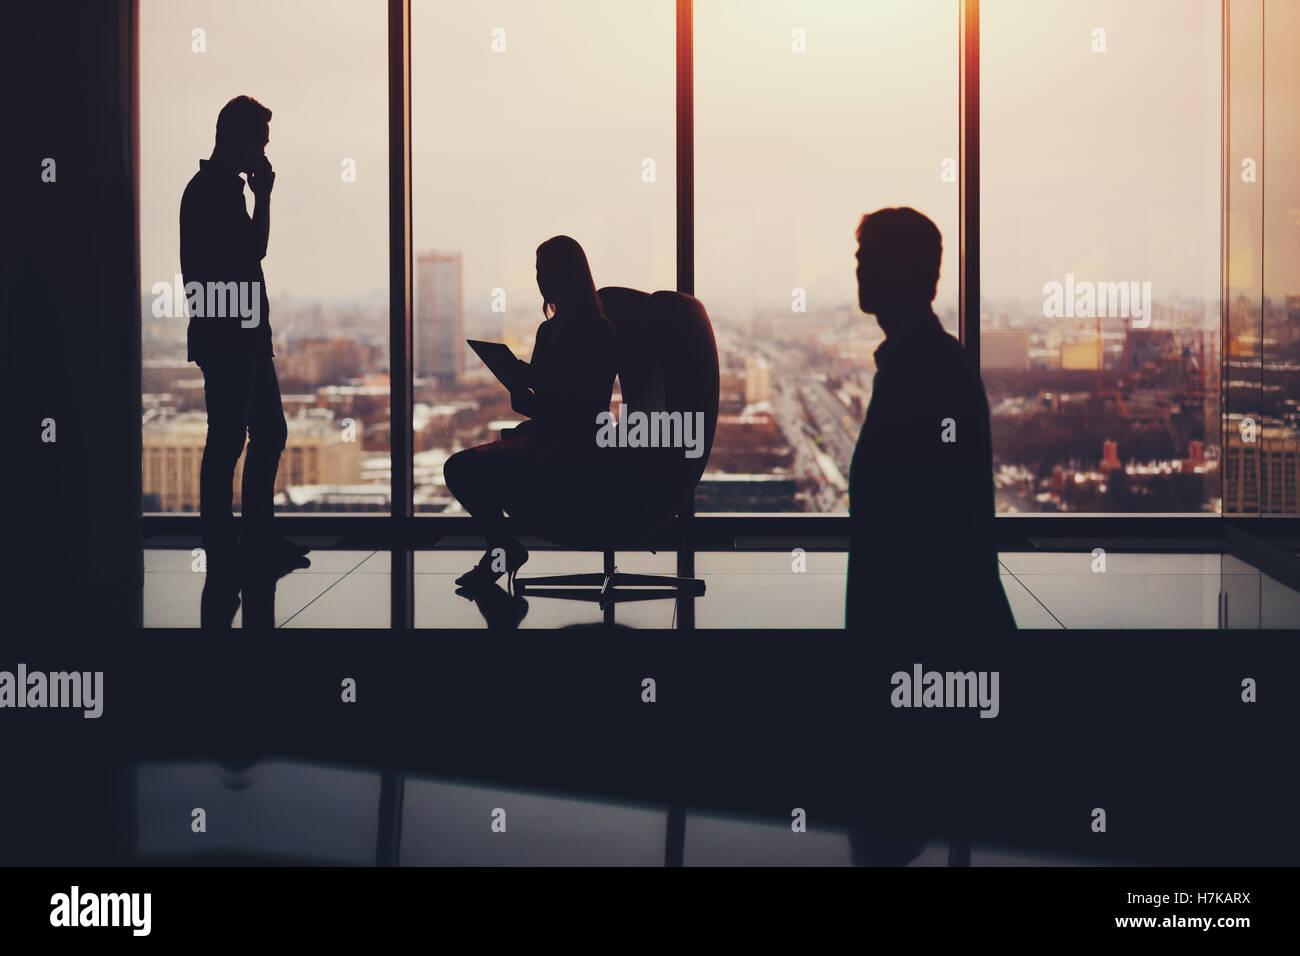 Siluetas de gente de negocios: empresario con la empresaria esperando su tercer compañero que ya está Imagen De Stock